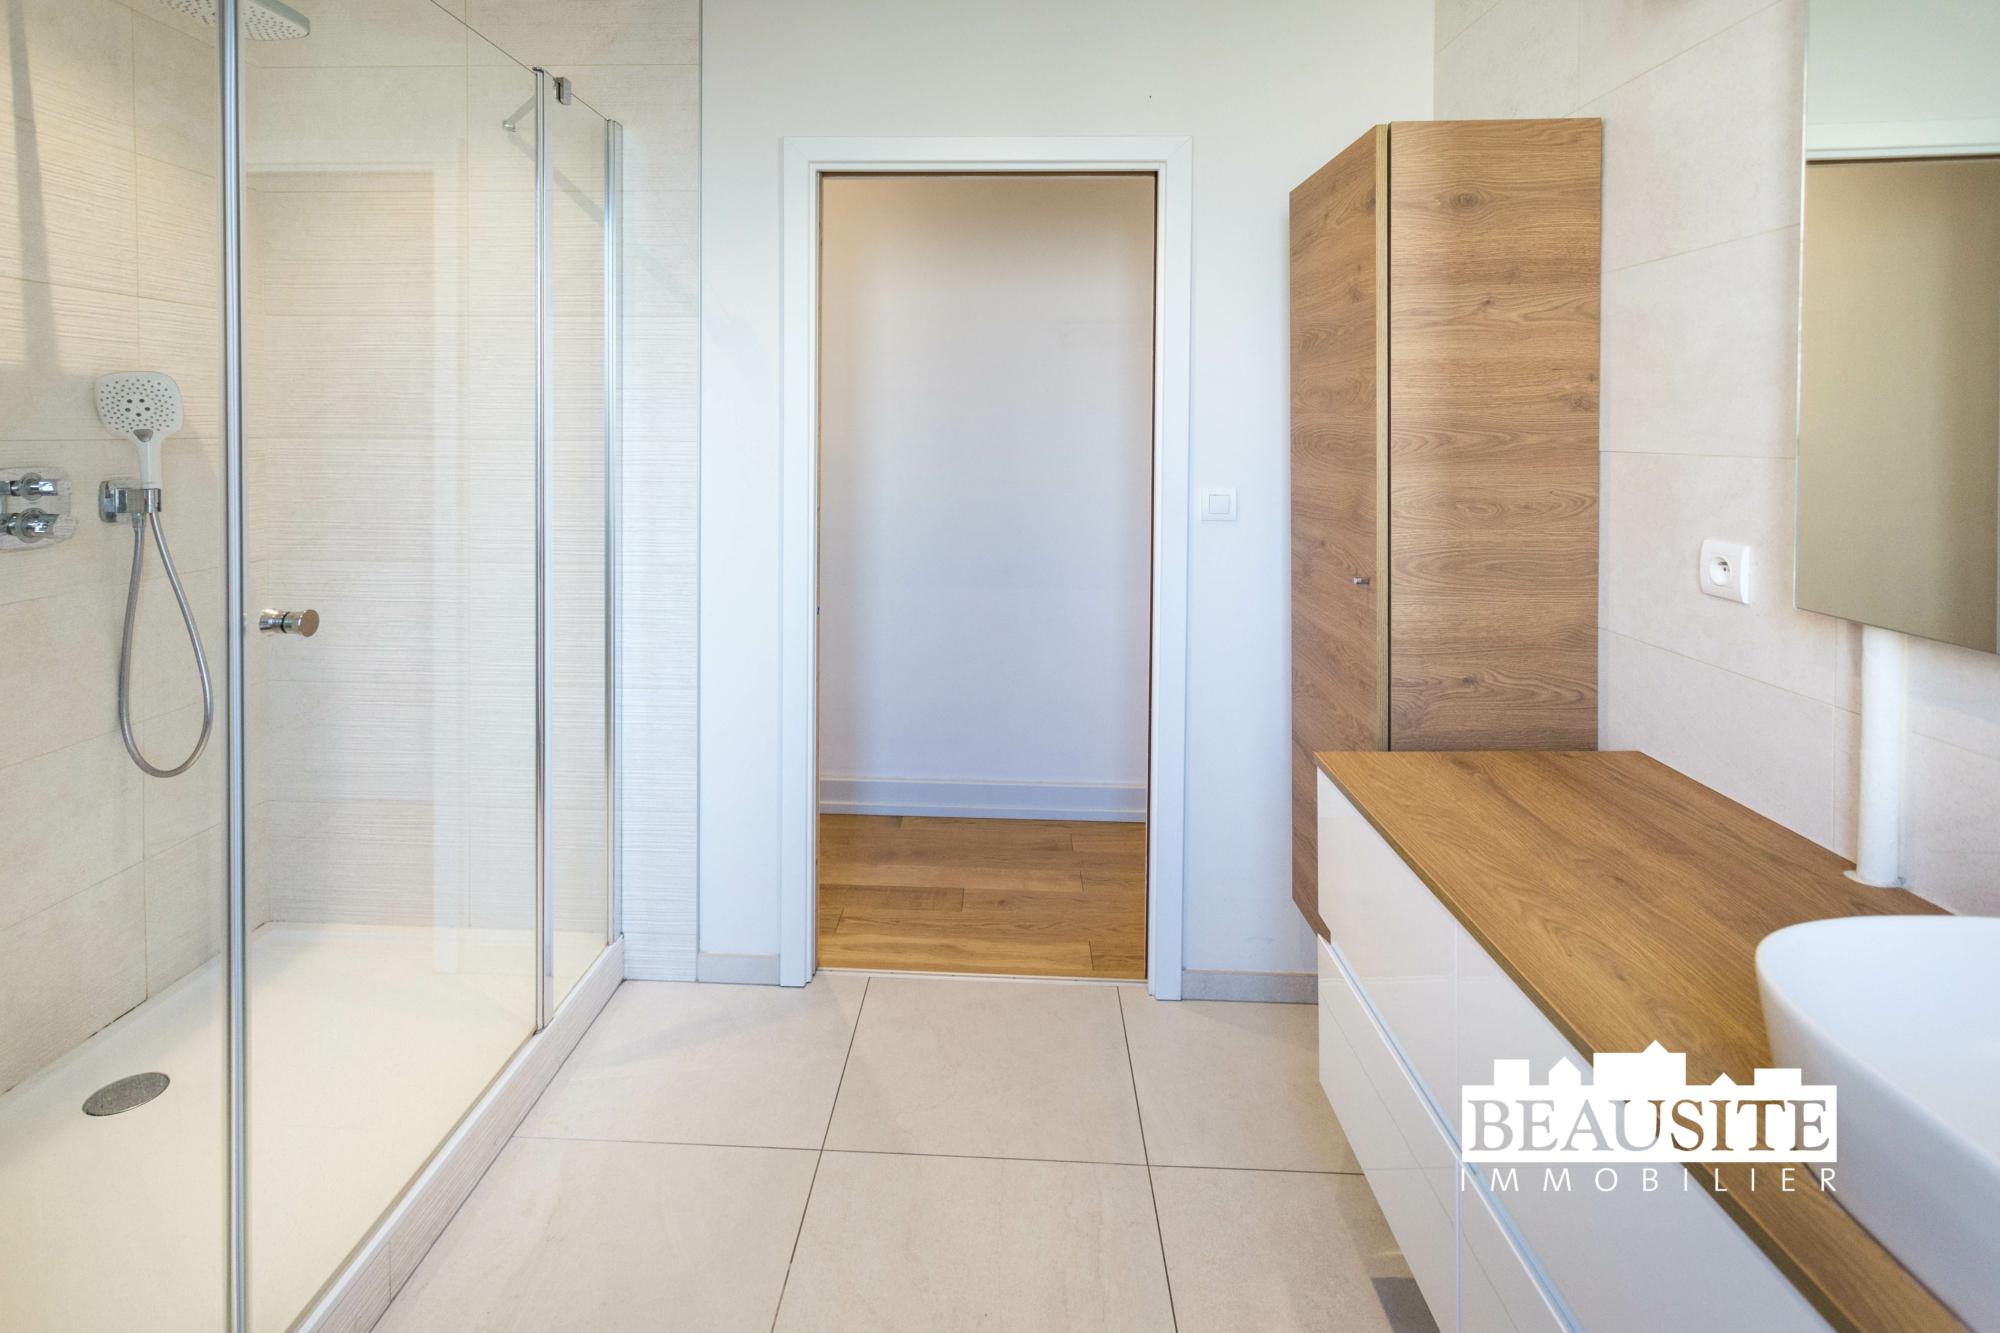 [Sobremesa] L'appartement 5 pièces chaleureux et convivial - Strasbourg / Boulevard du Président Poincaré - nos ventes - Beausite Immobilier 10